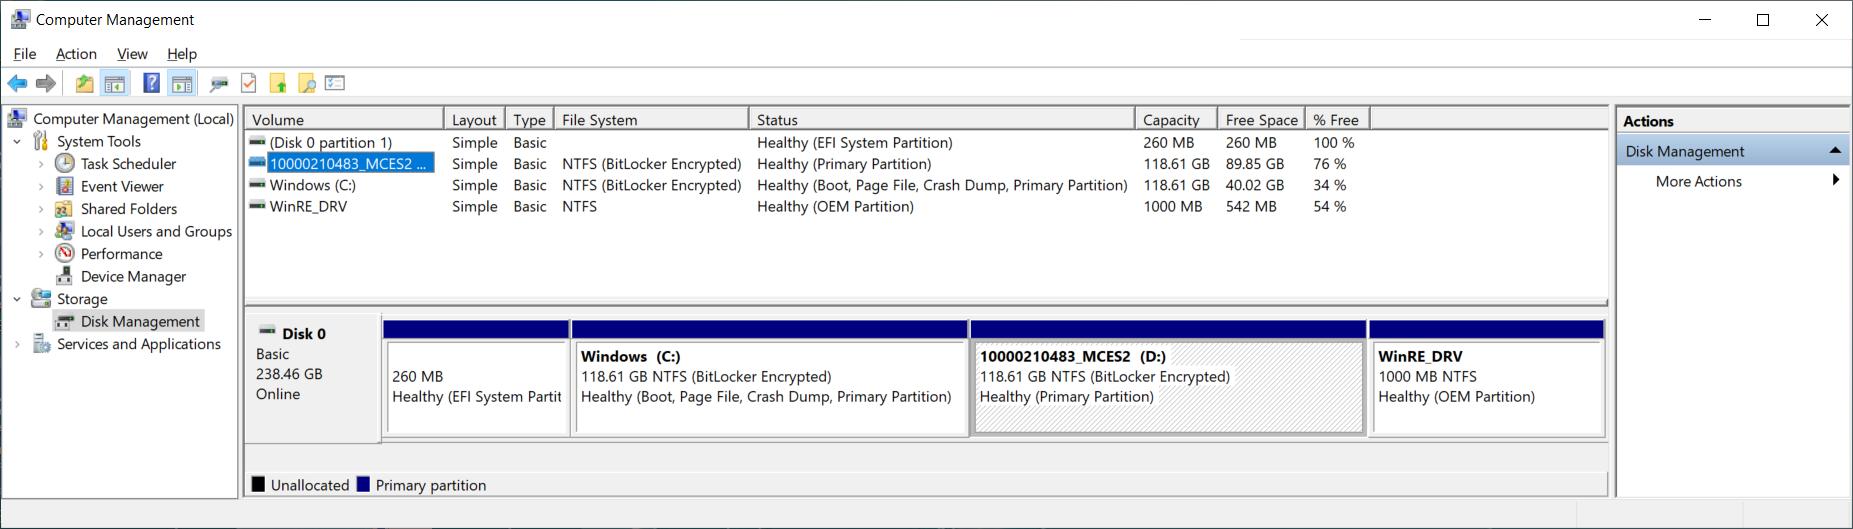 BitLocker wird nach Umpatinionierung als aktiviert angezeigt, obwohl nicht aktiert,...